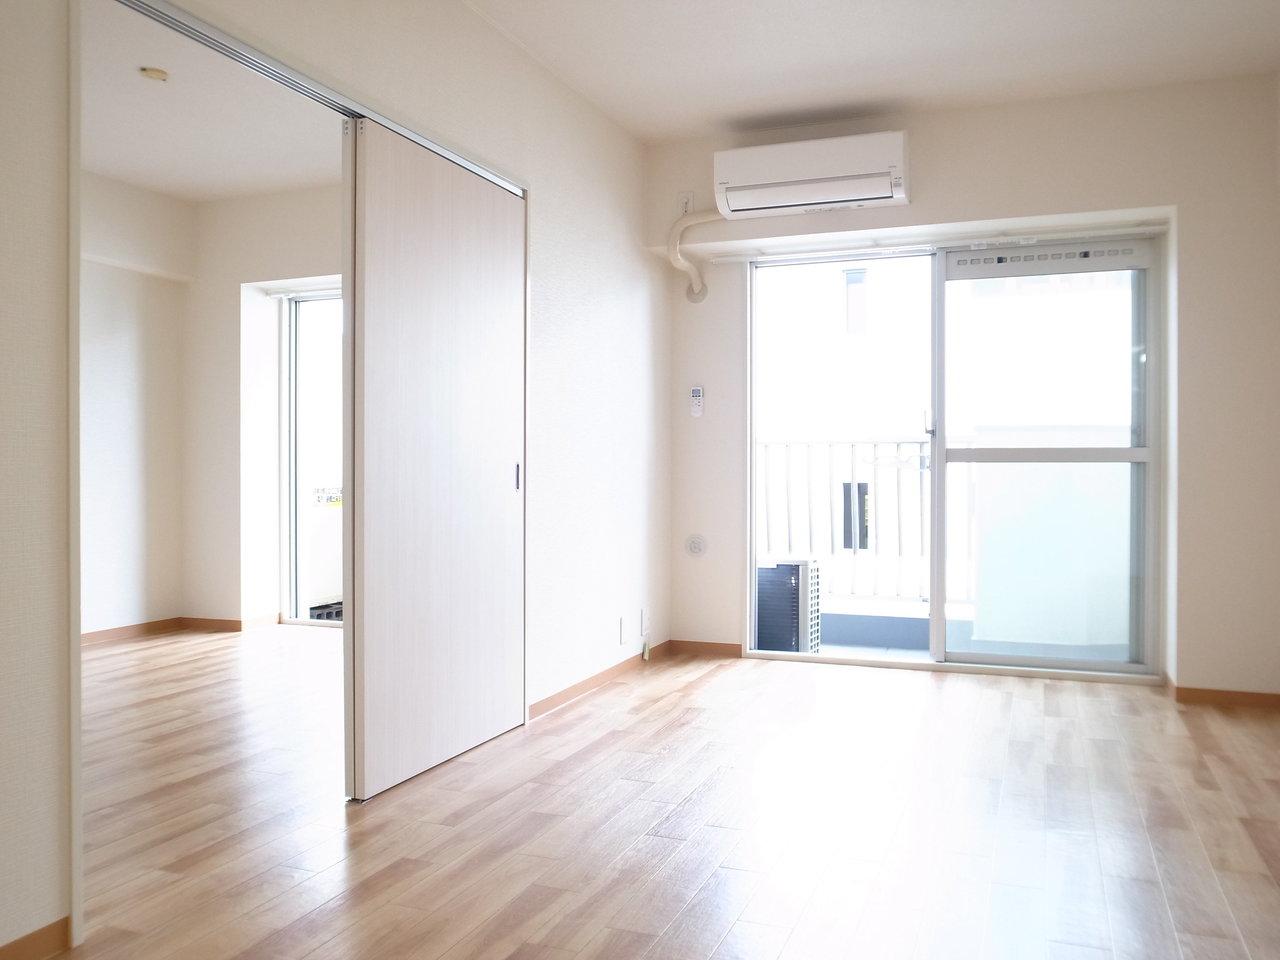 フルリノベーションされているので、室内はとっても綺麗。もう一つの洋室はリビングの隣り合わせになっているので、扉を開け放して使ってもいいですね。